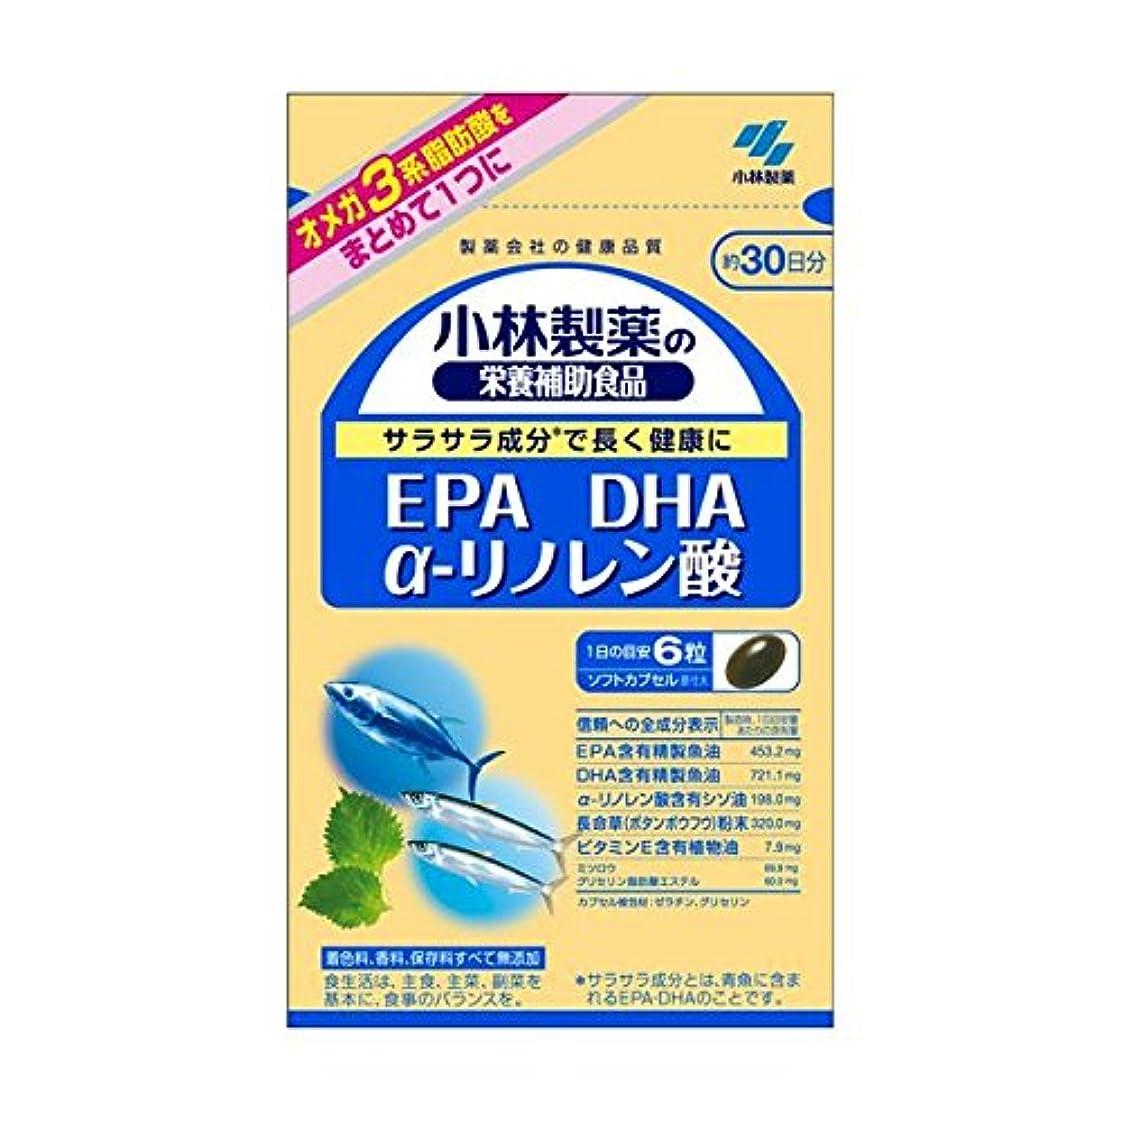 ボーカル組み合わせ時刻表小林製薬 小林製薬の栄養補助食品 DHA EPA α-リノレン酸180粒 (305mg×180粒)